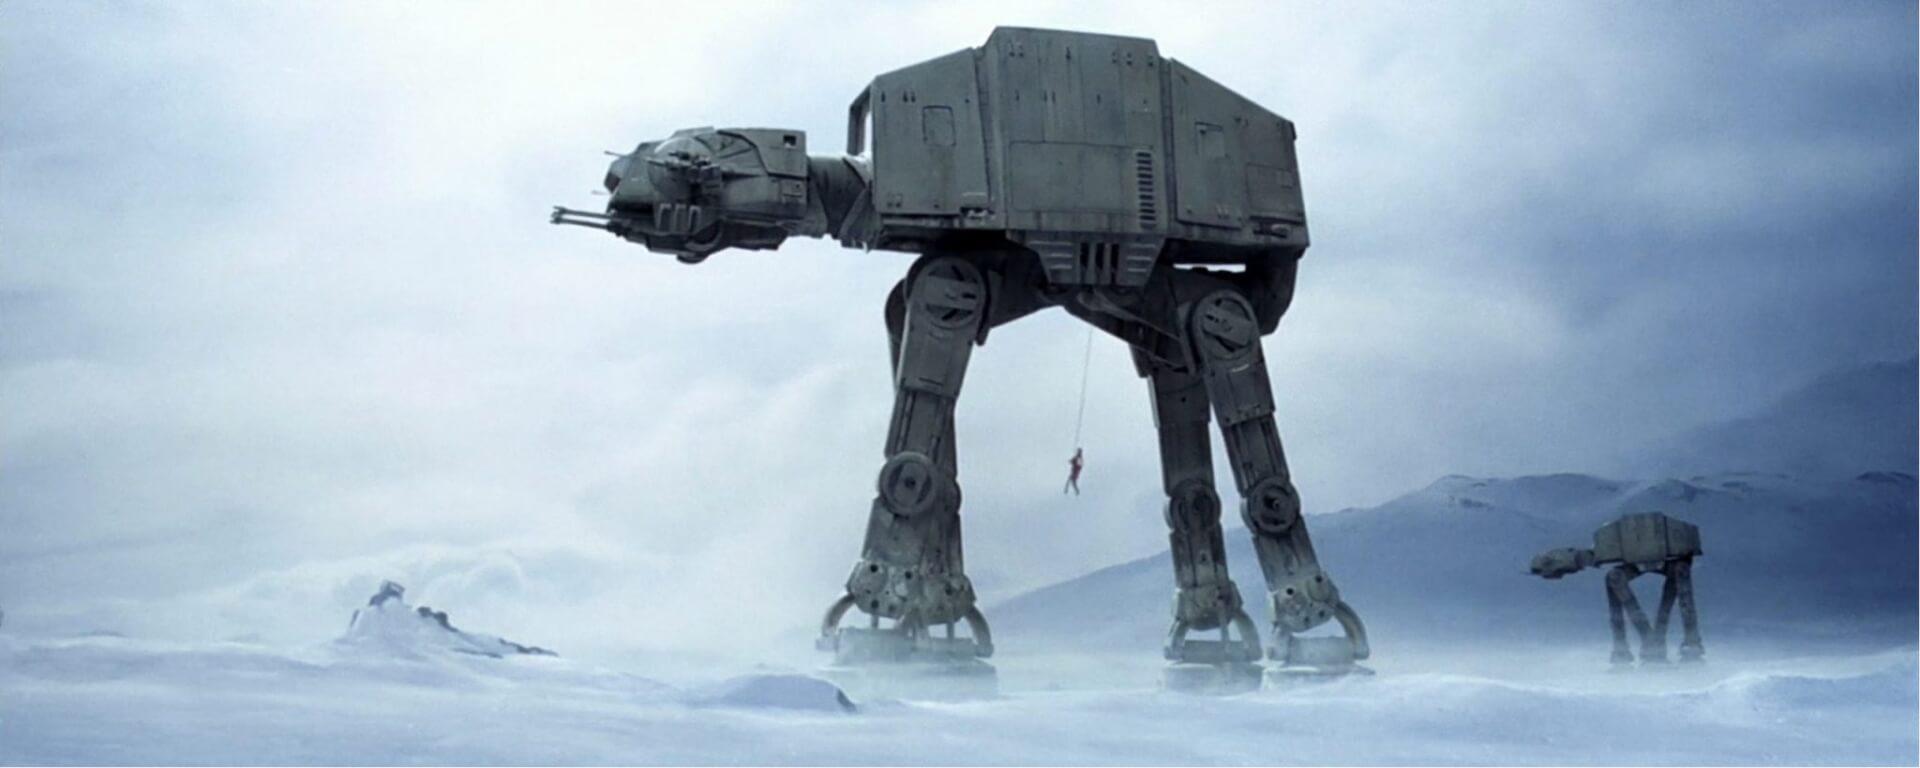 """Star Wars At At Wallpaper: New """"Star Wars"""" Imperial AT-AT Walker Popcorn Bucket Now"""